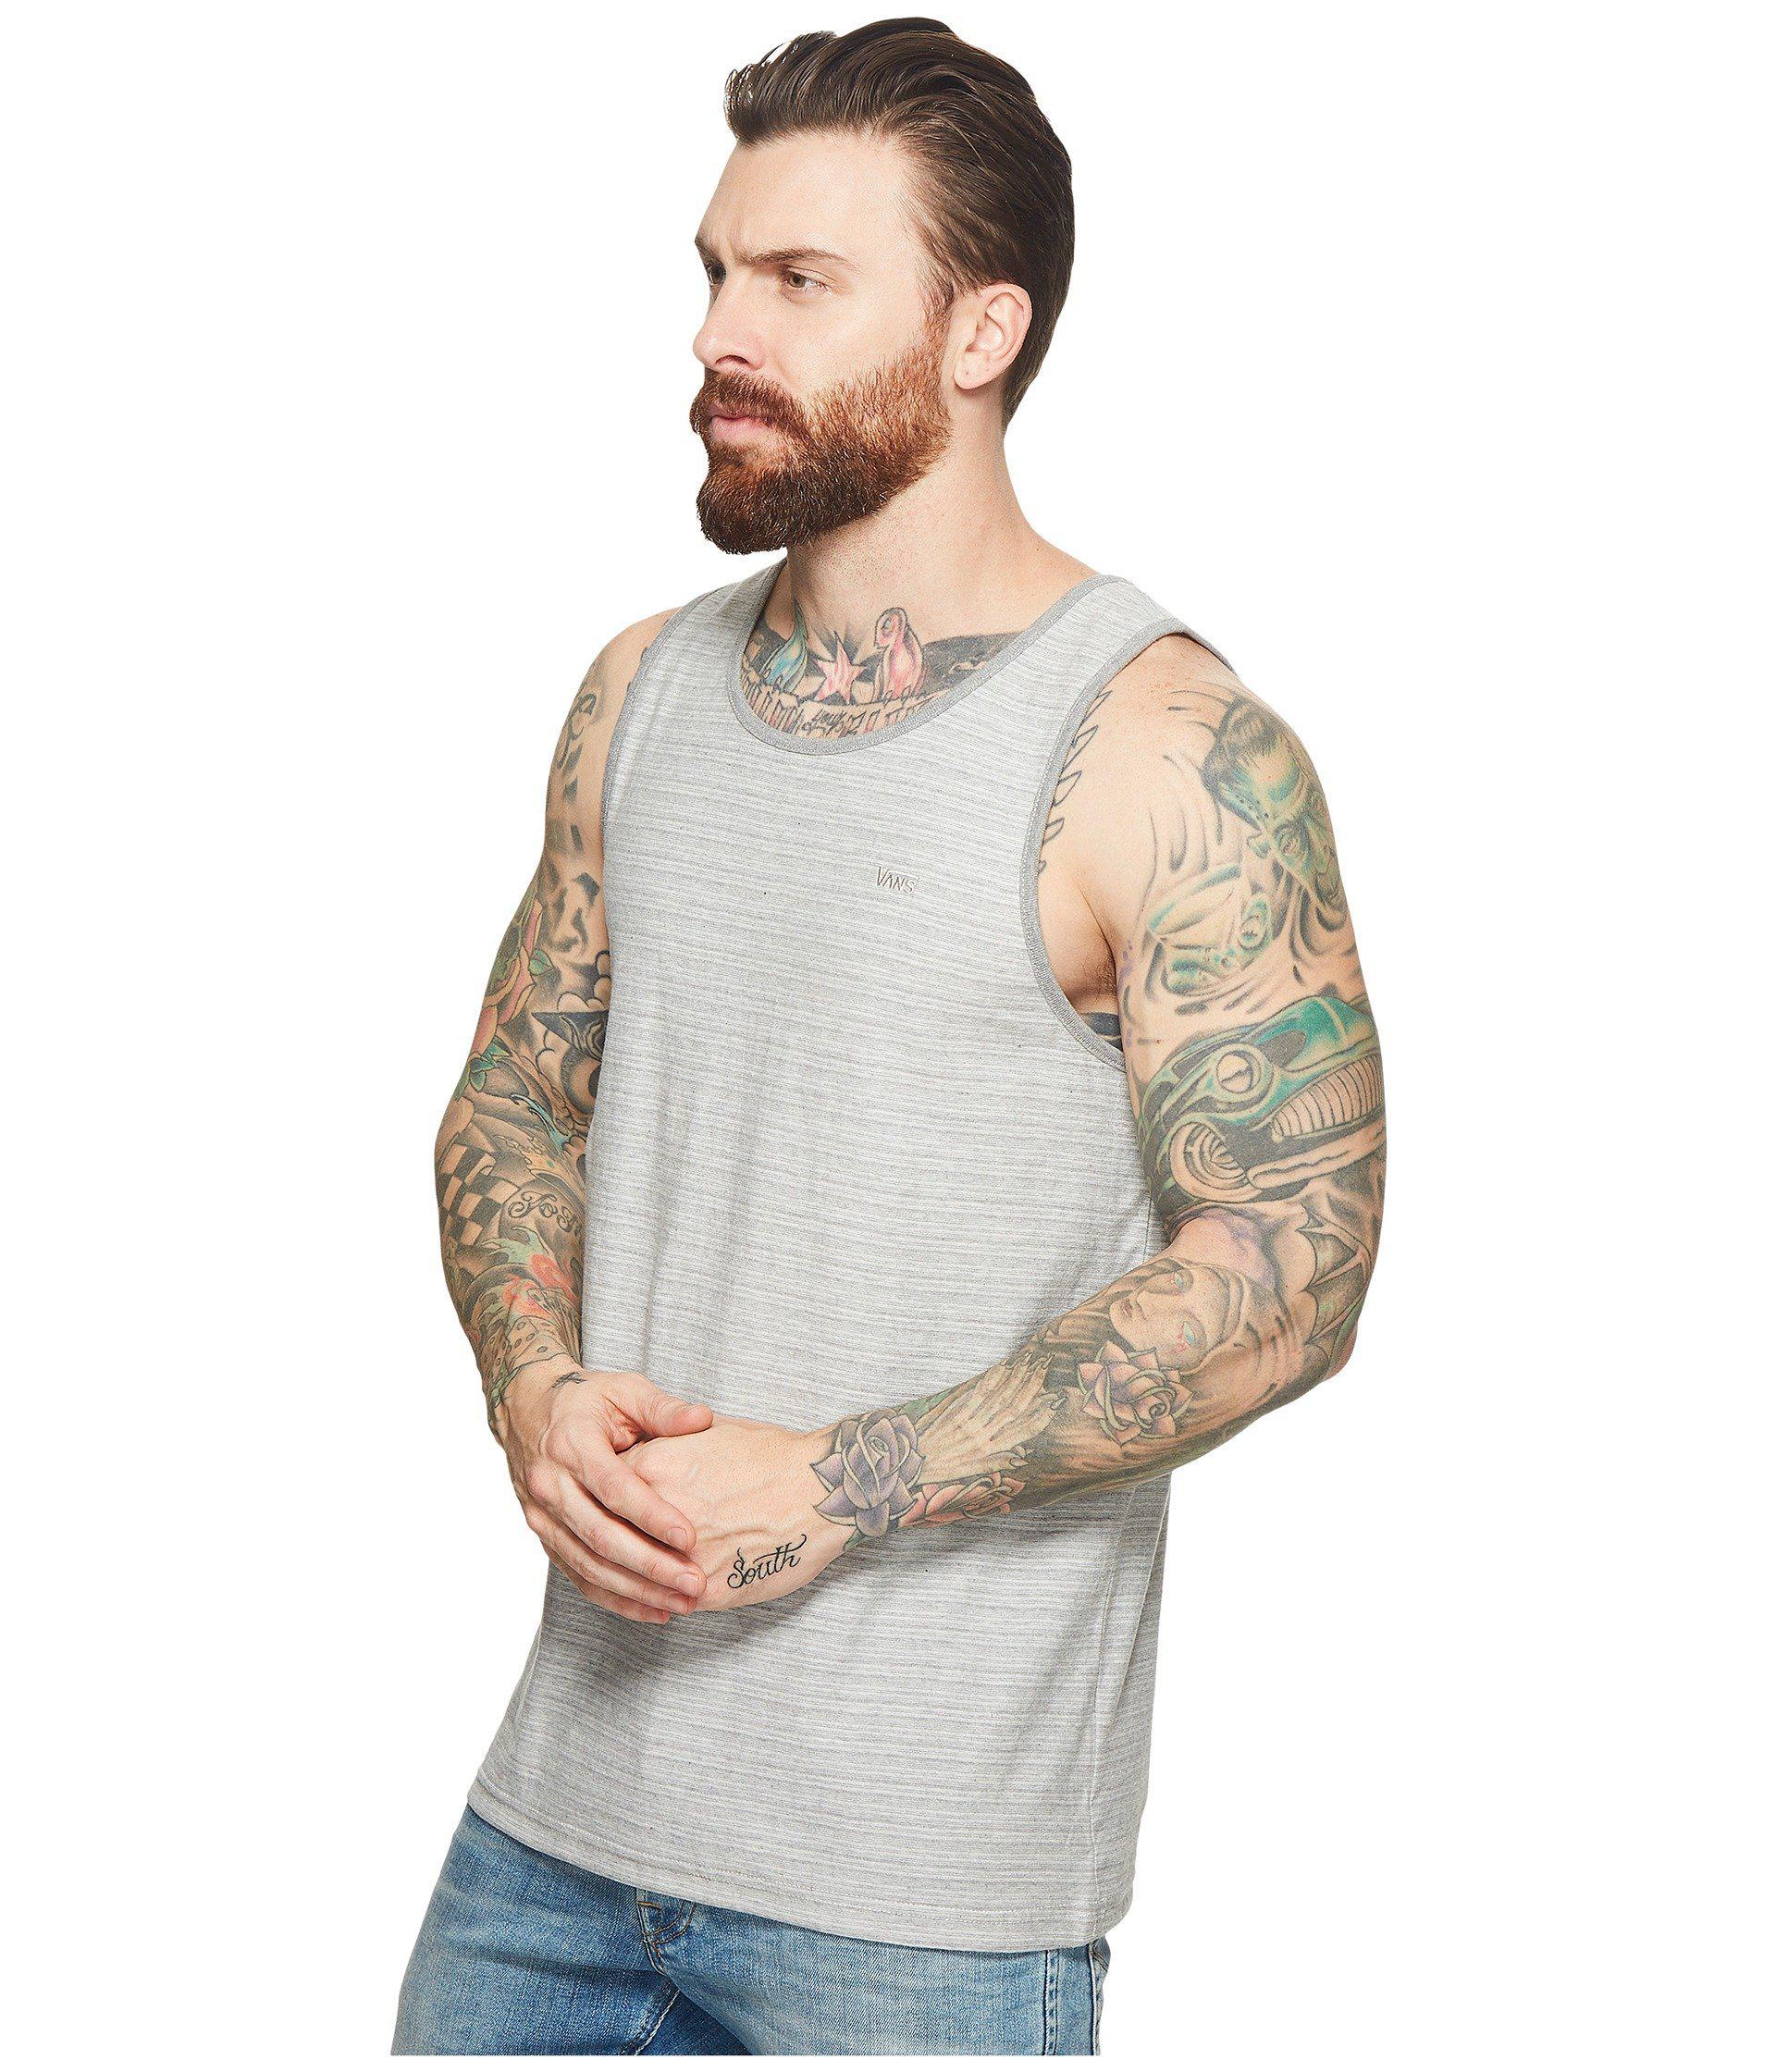 0356f7f7814b43 Lyst - Vans Balboa Ii Tank Top in Gray for Men